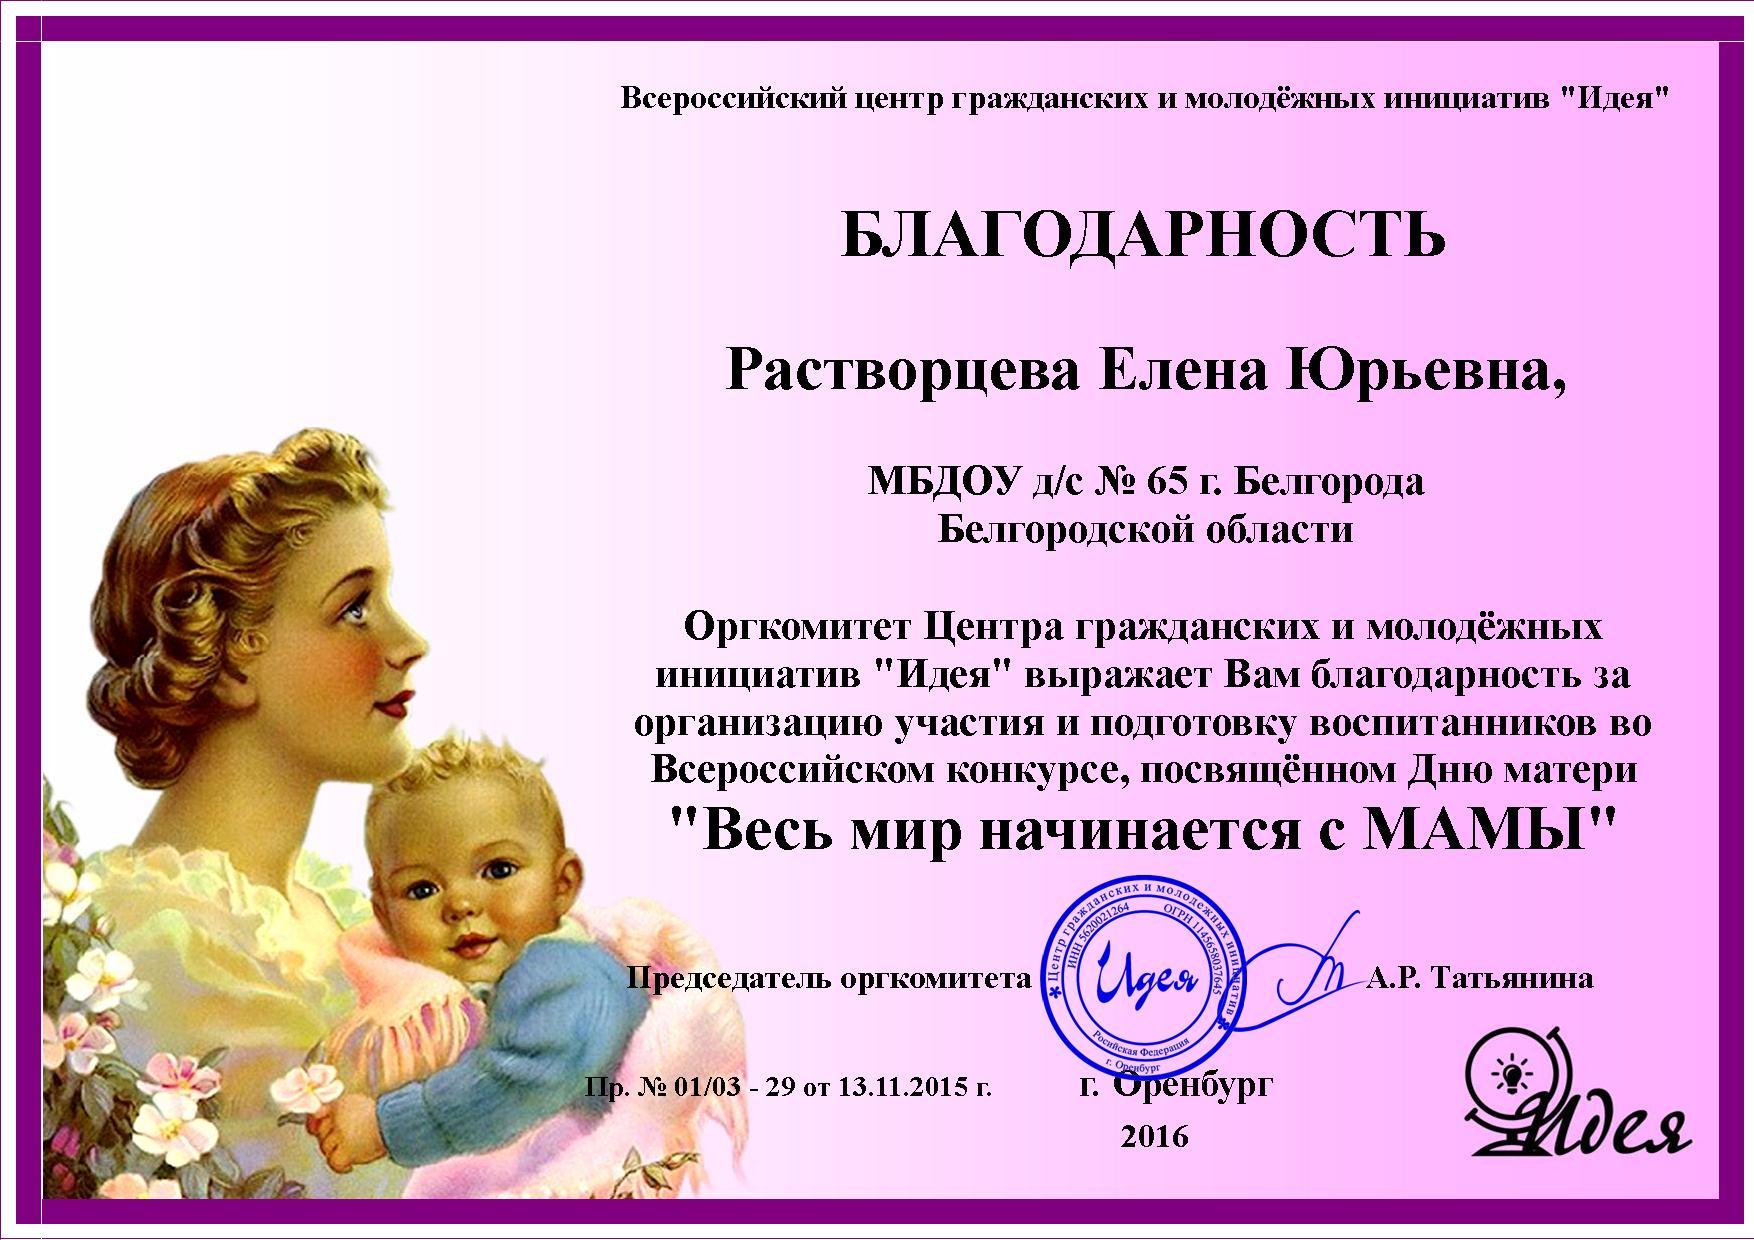 Благодарственное письмо-Растворцева Елена Юрьевна-64605